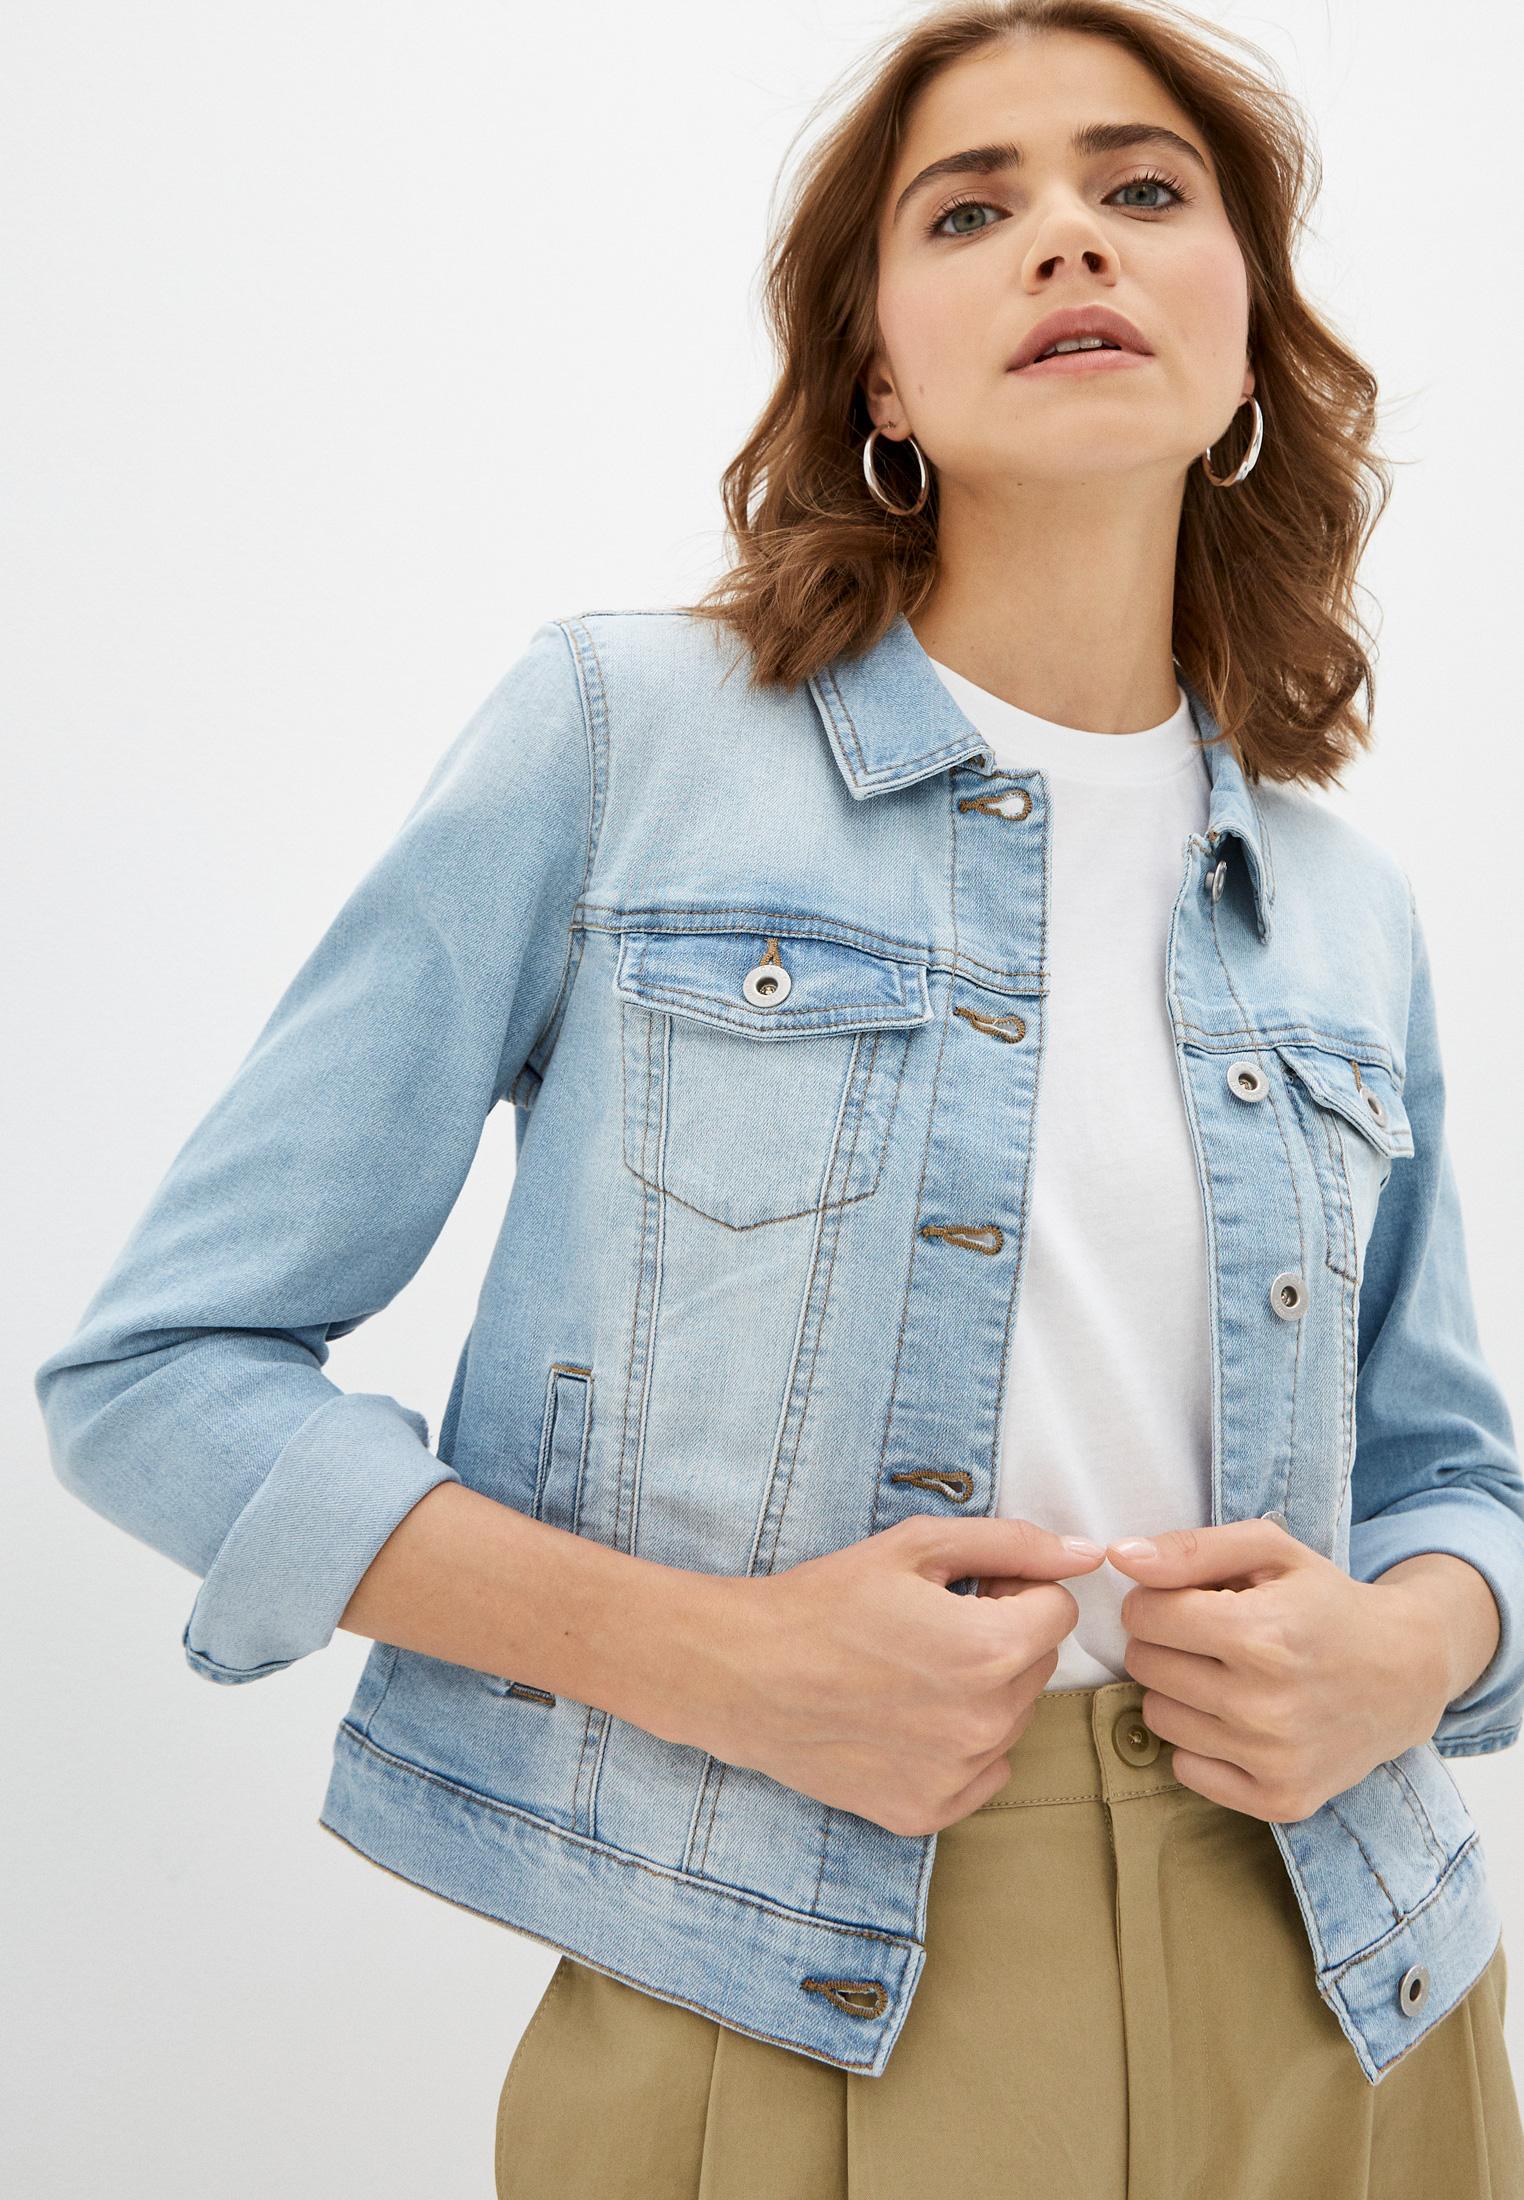 Джинсовая куртка Only (Онли) Куртка джинсовая Only